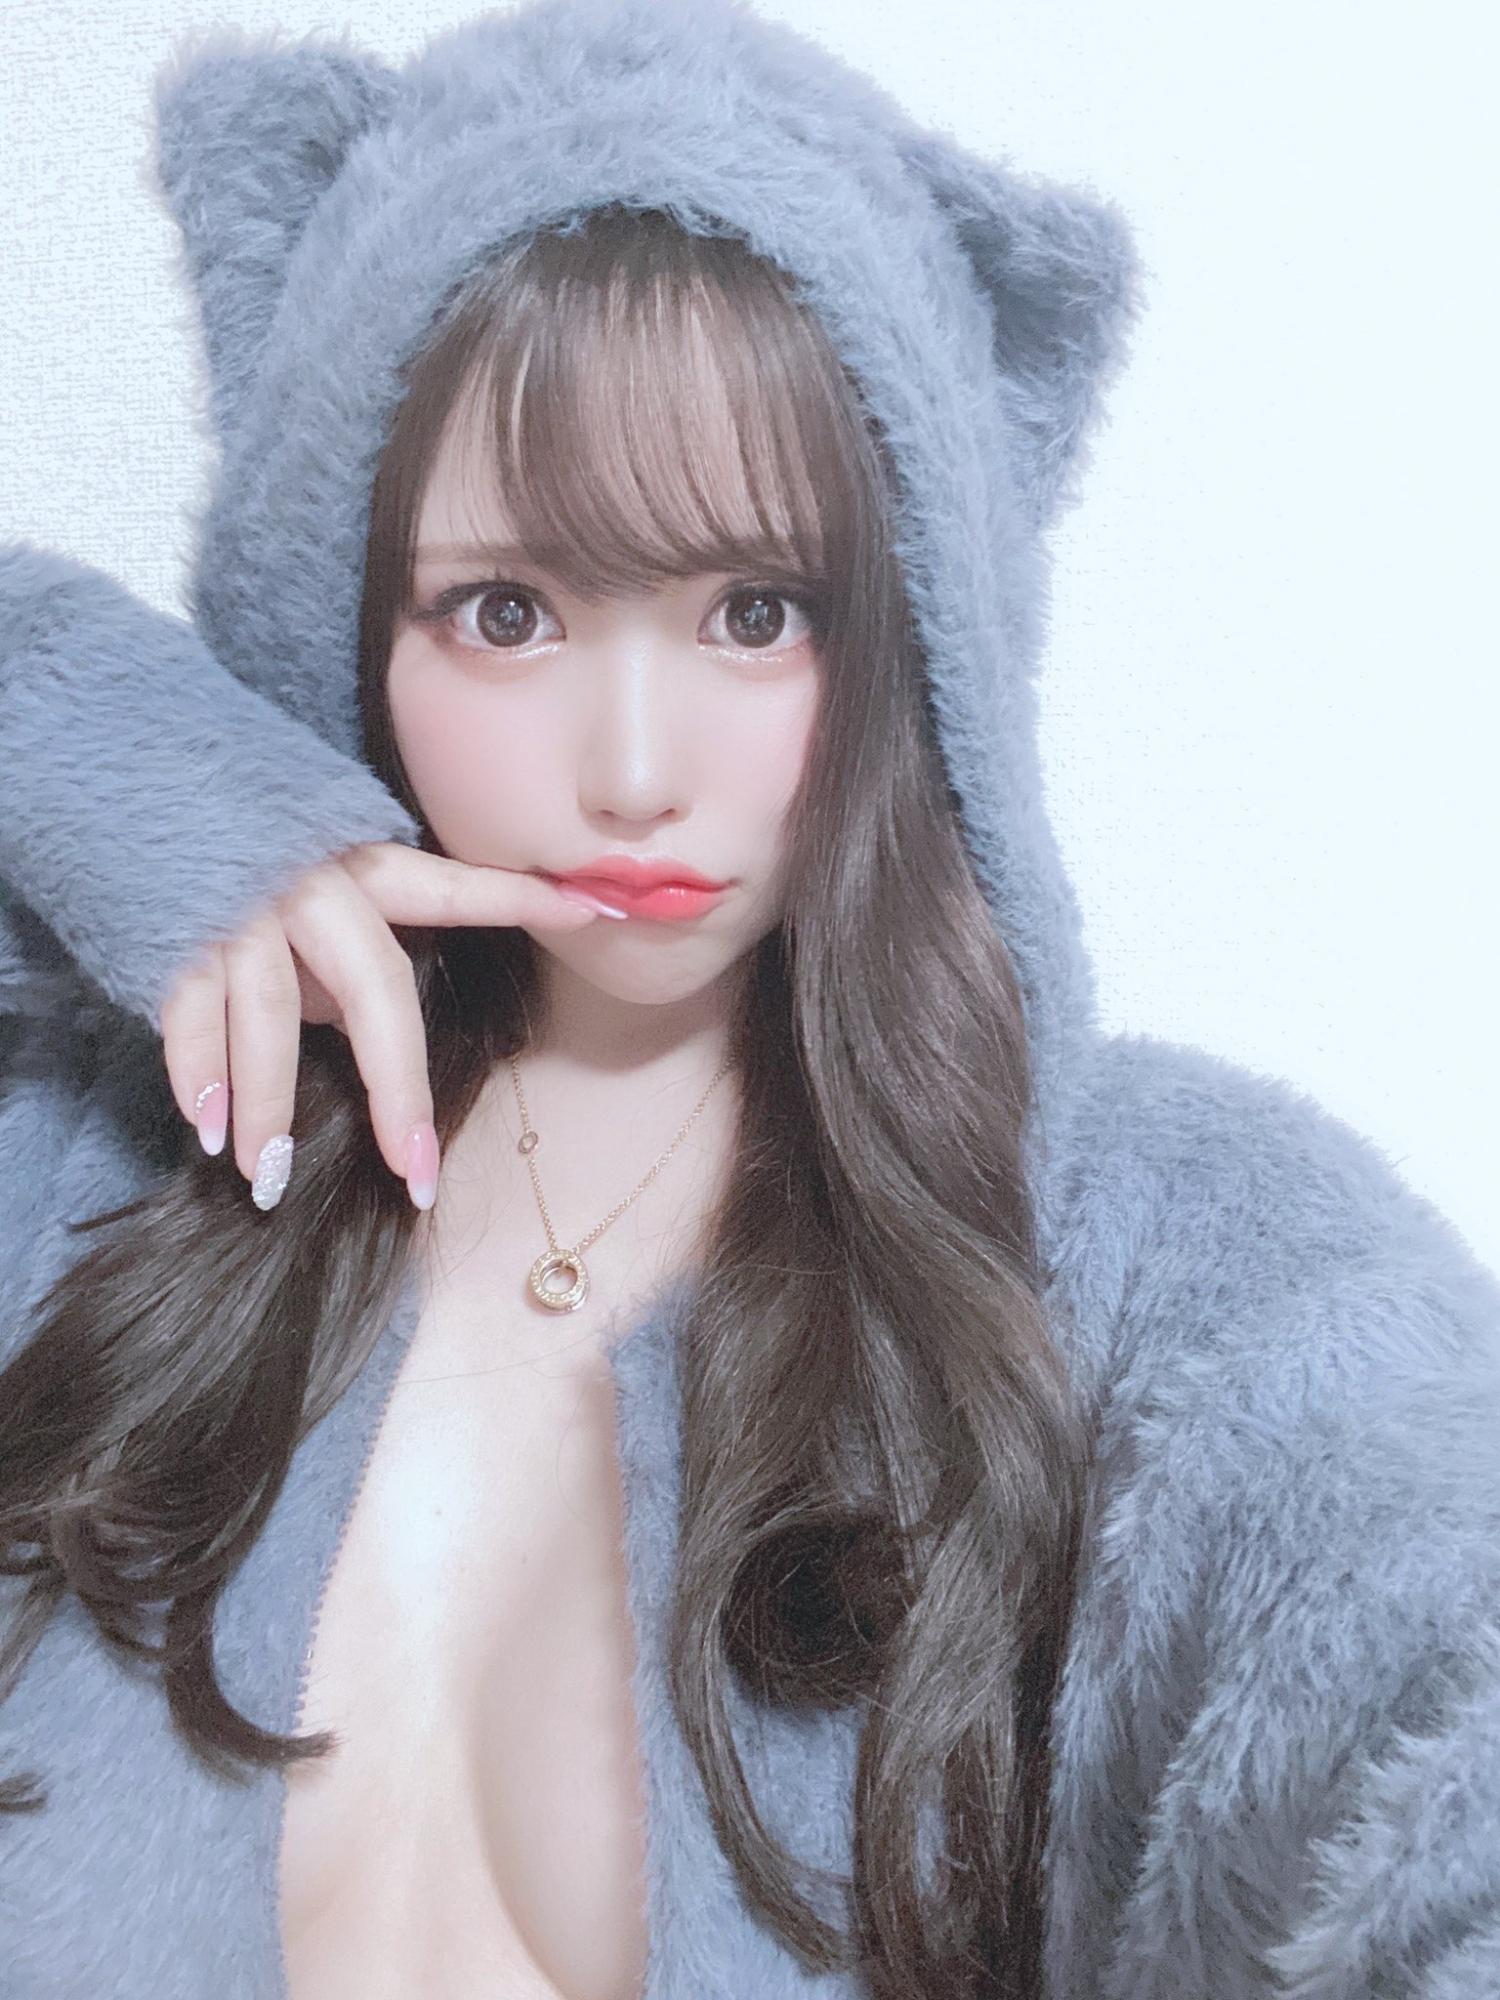 好看樱花妹@白玉ろぷ性感cosplay写真欣赏 COSPLAY 热图3